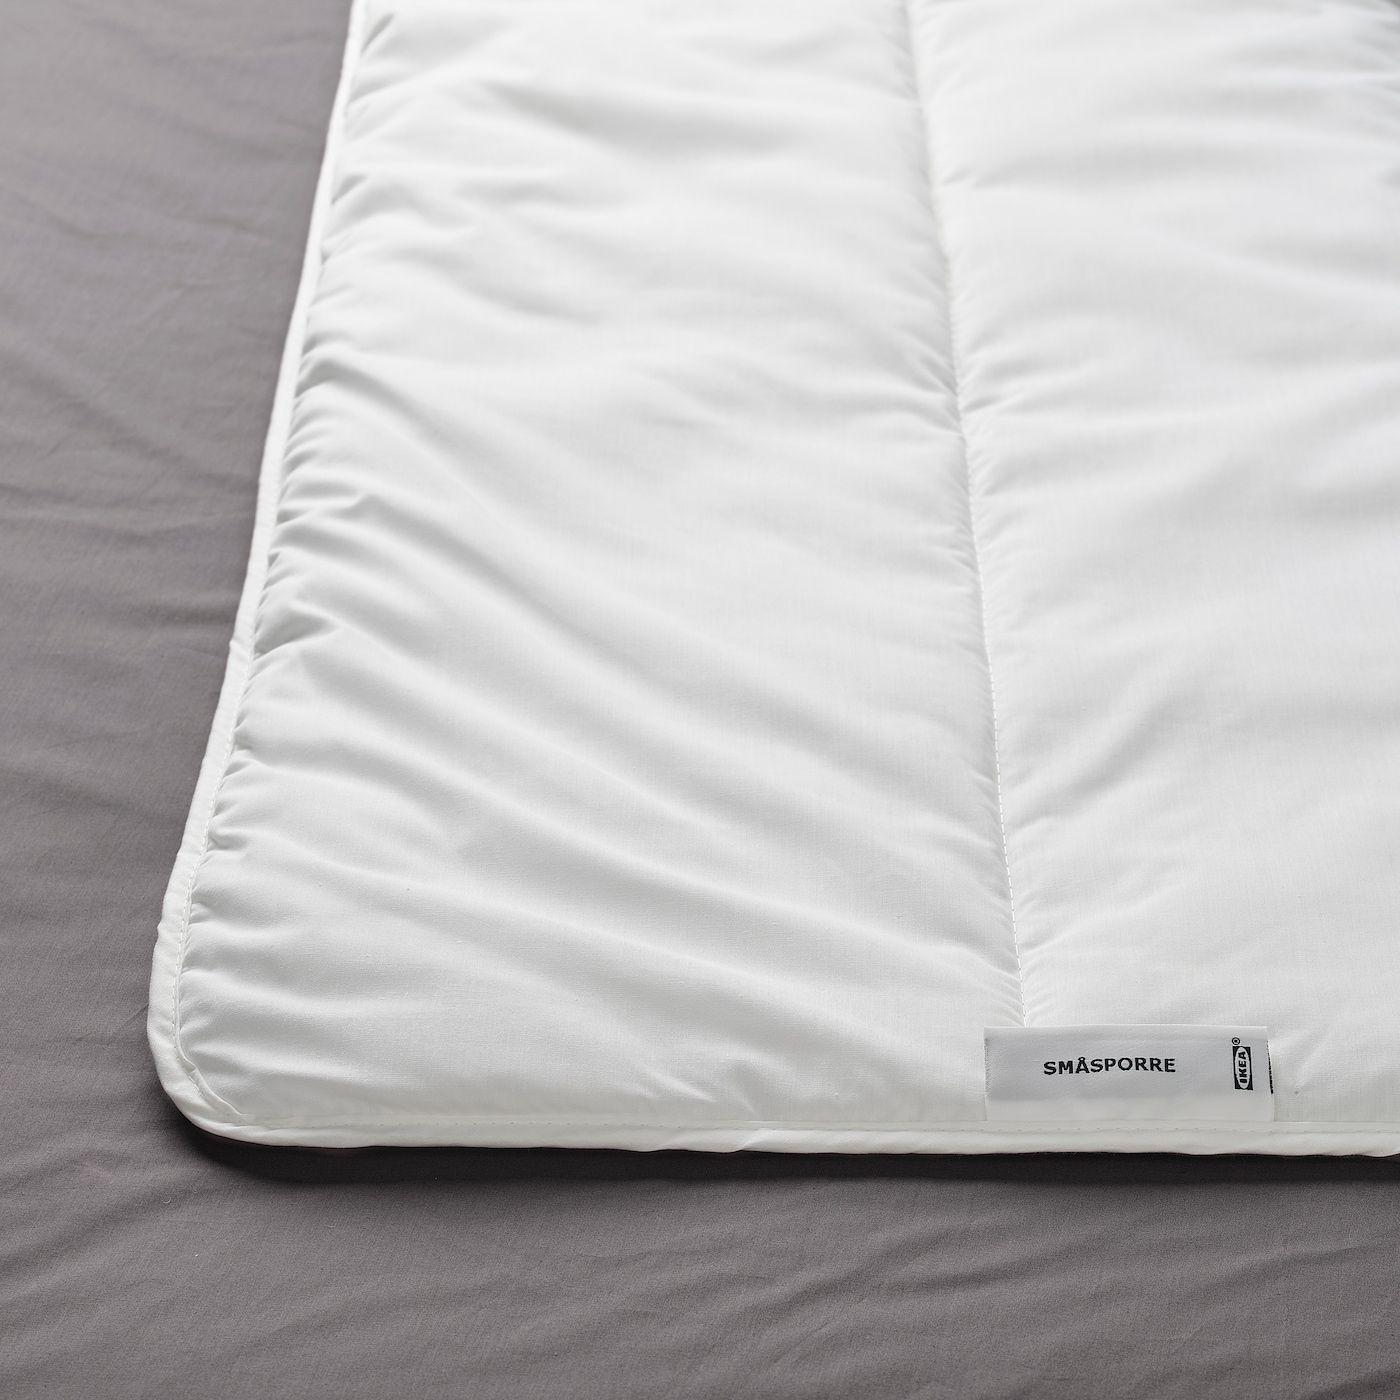 Smasporre Decke Mittelwarm In 2020 Ikea Deckchen Und Ikea Produkte